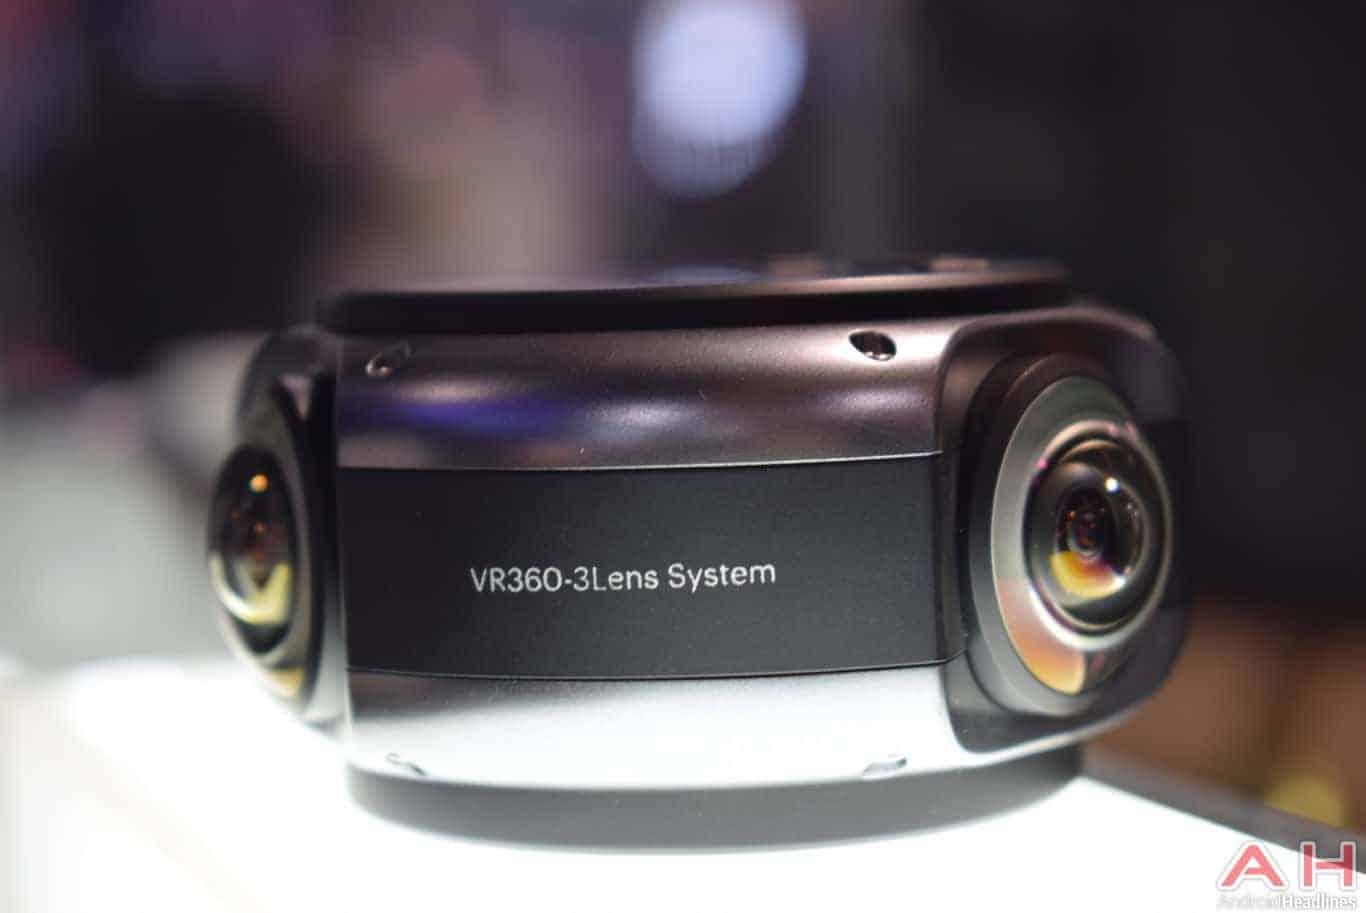 Kodak PIXPRO 360 Pro VR Camera CES 2018 AH 4